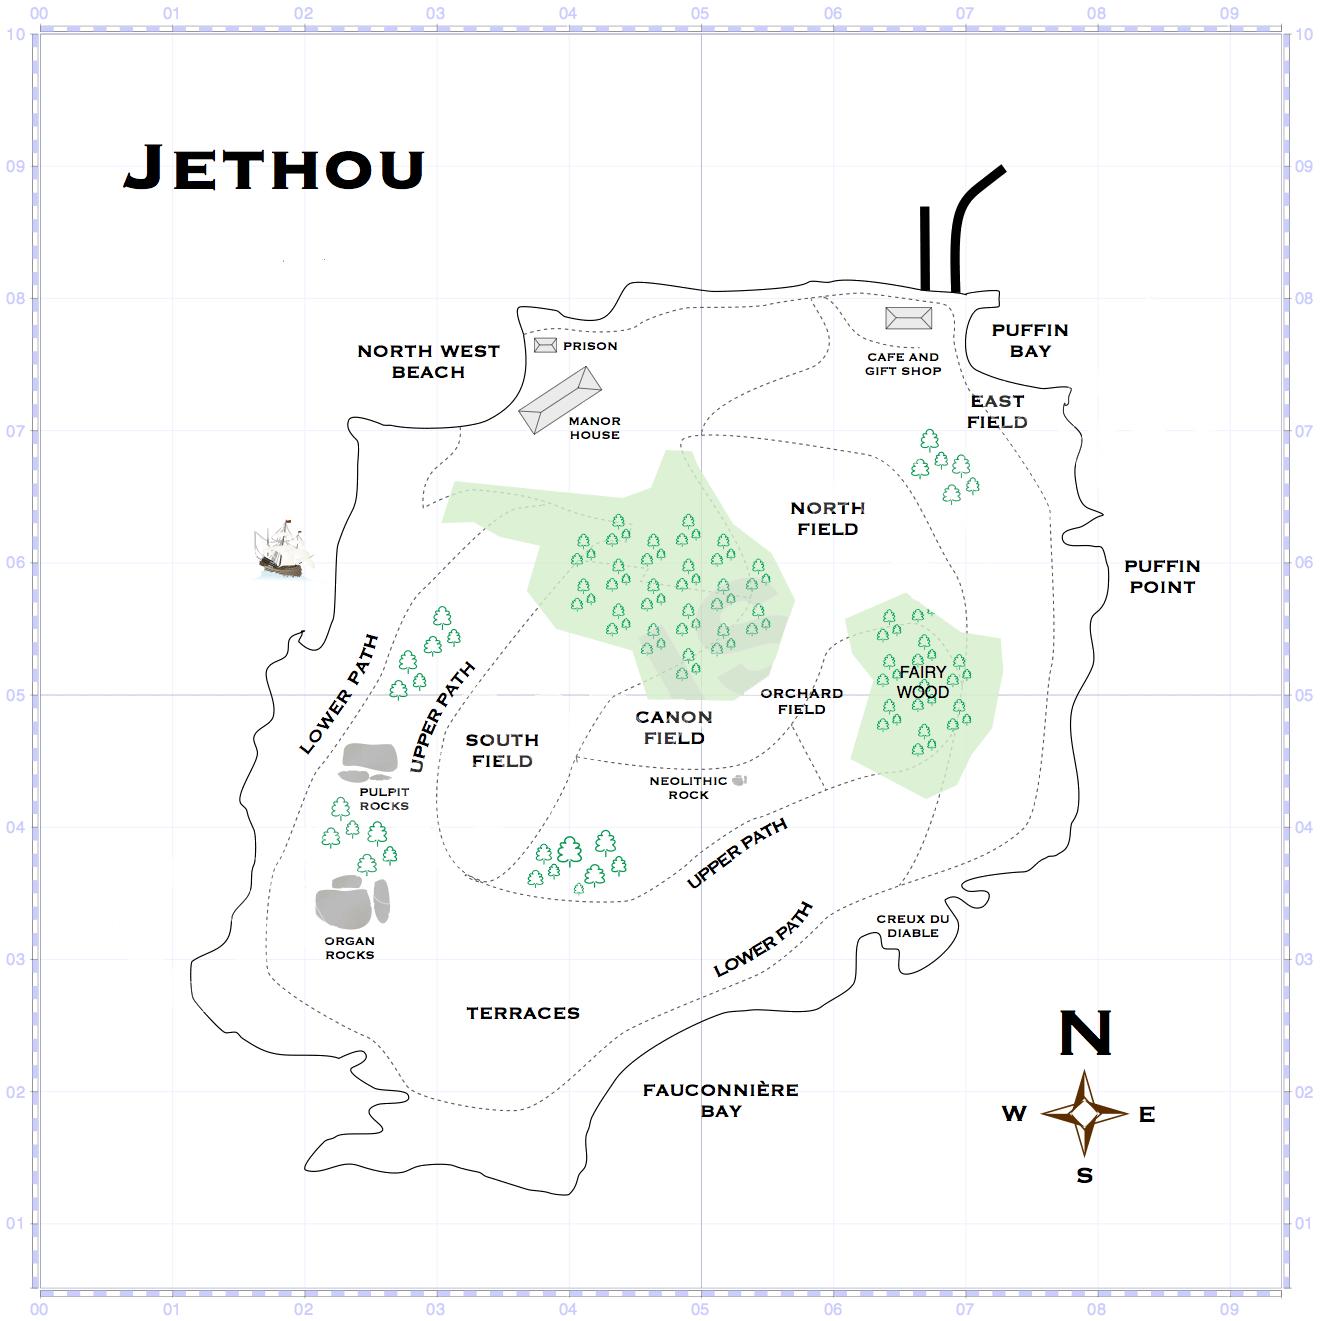 Map of Jethou